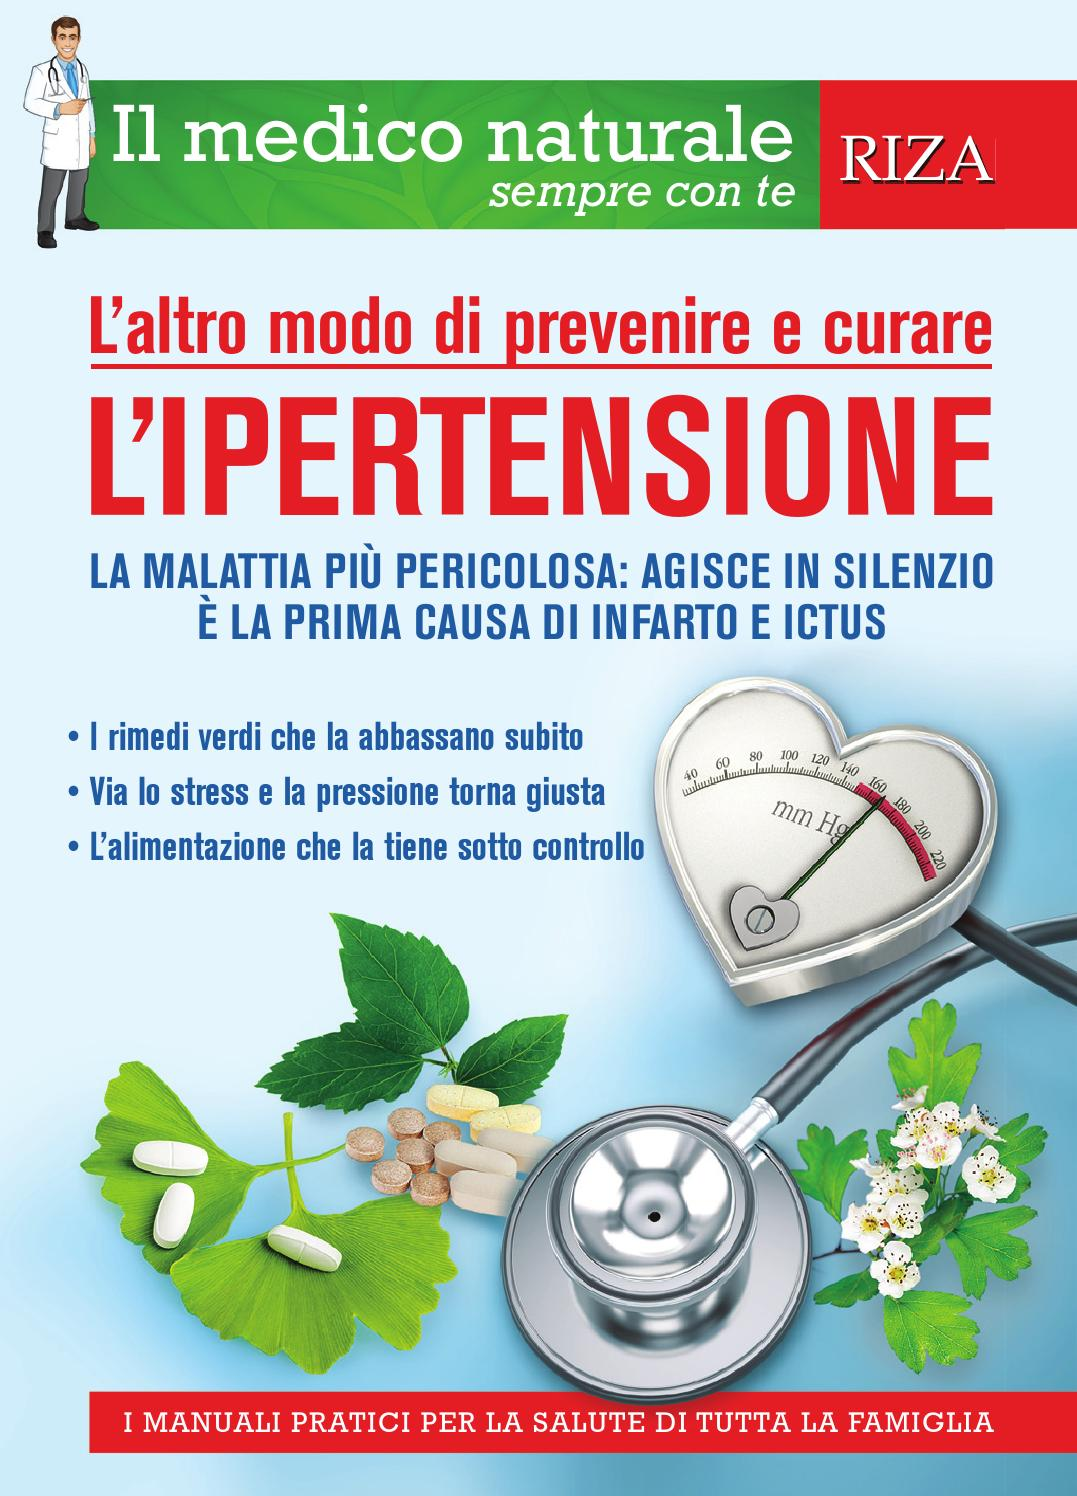 Il medico naturale sempre con te by Edizioni Riza - Issuu